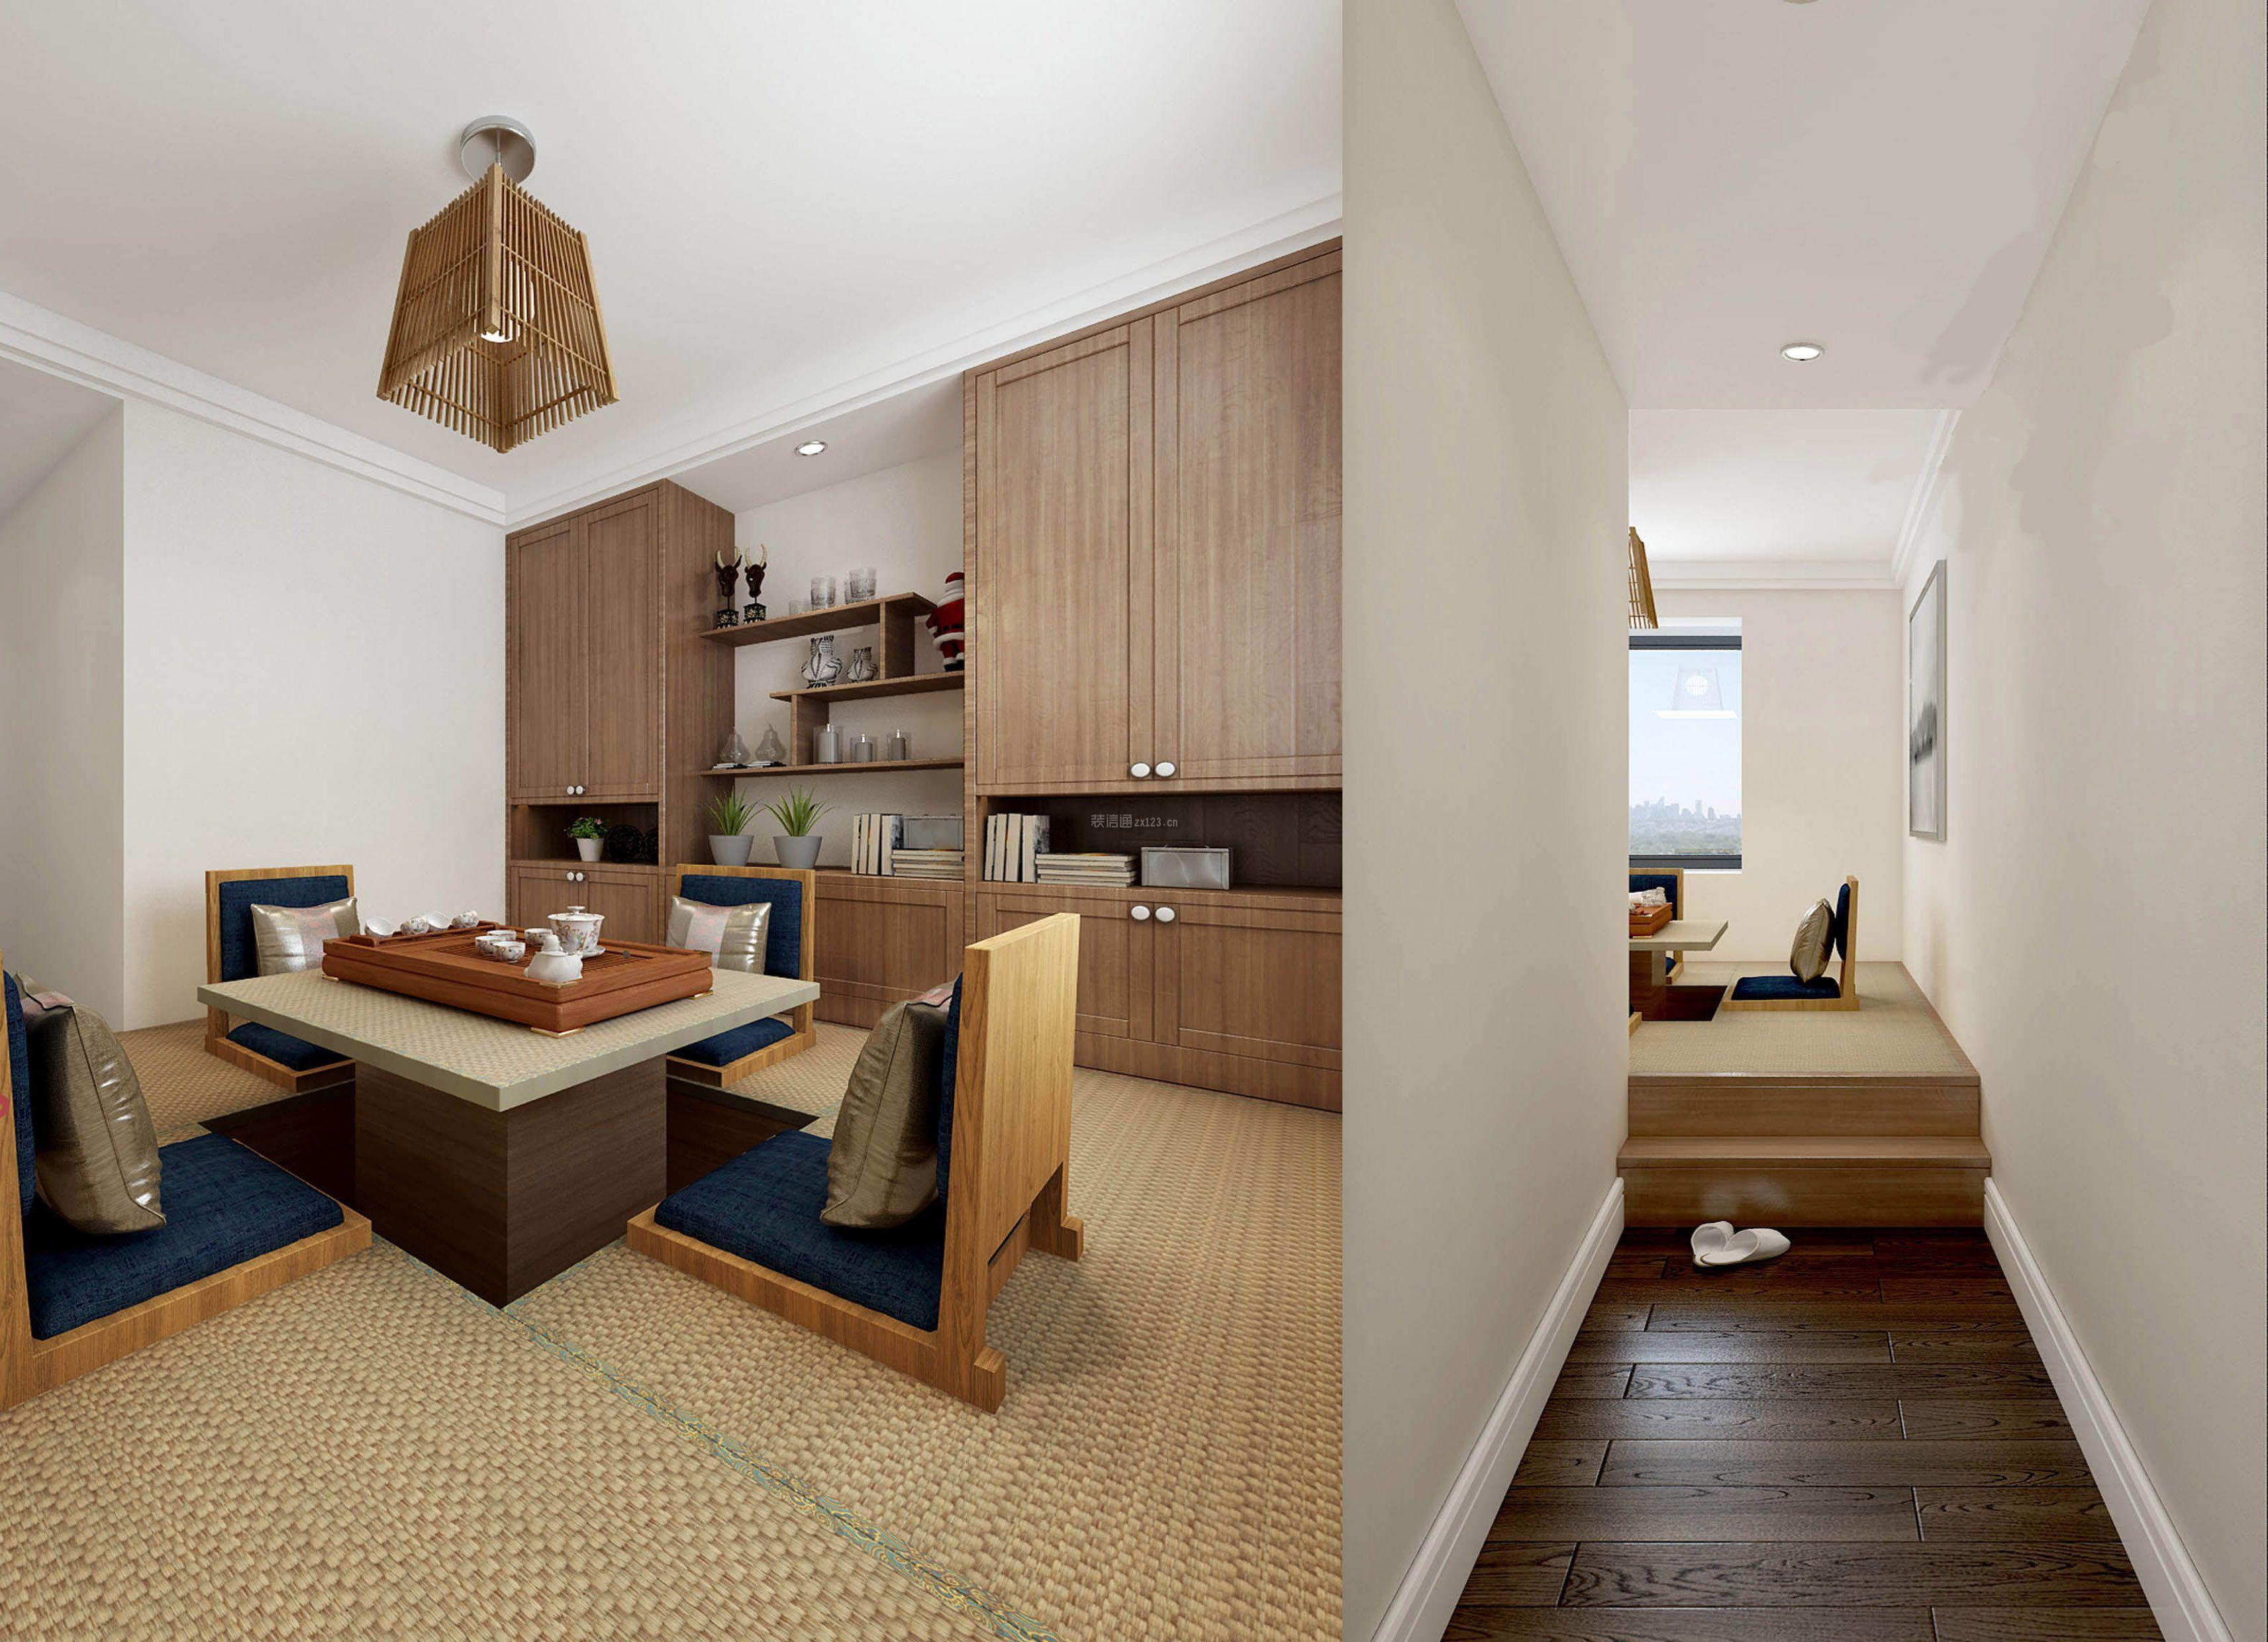 2018家庭茶室隔断装修设计效果图